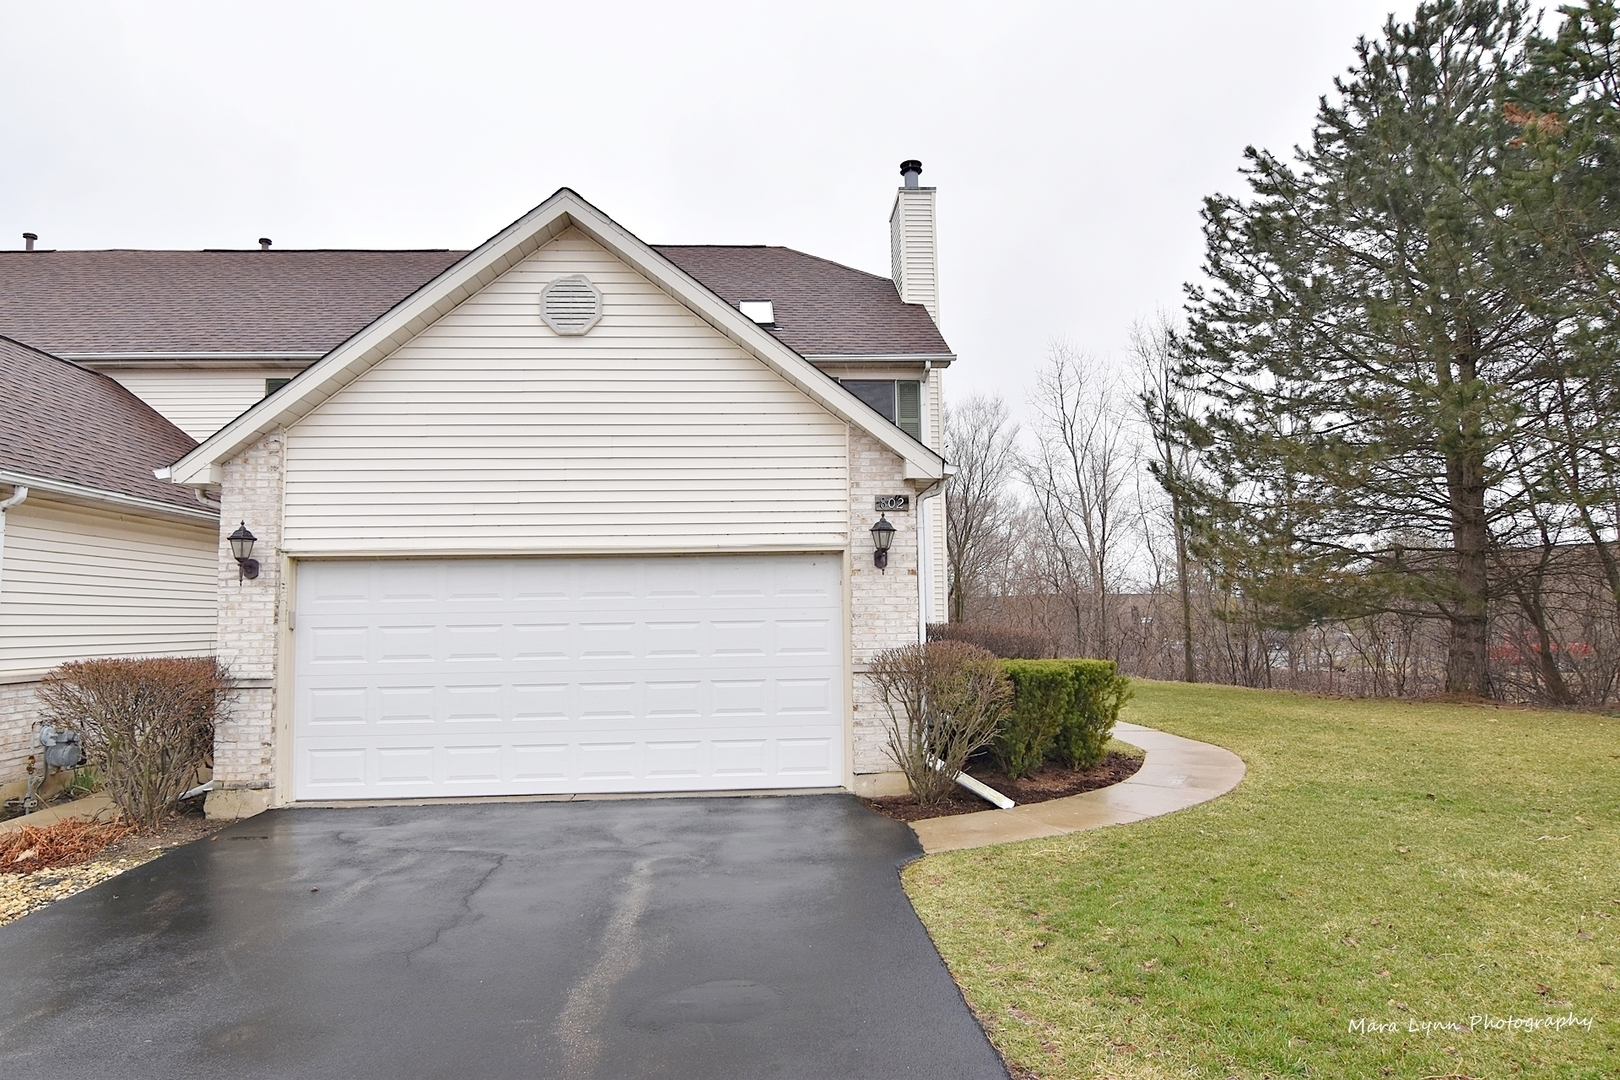 802 Thornwood, ST. CHARLES, Illinois, 60174